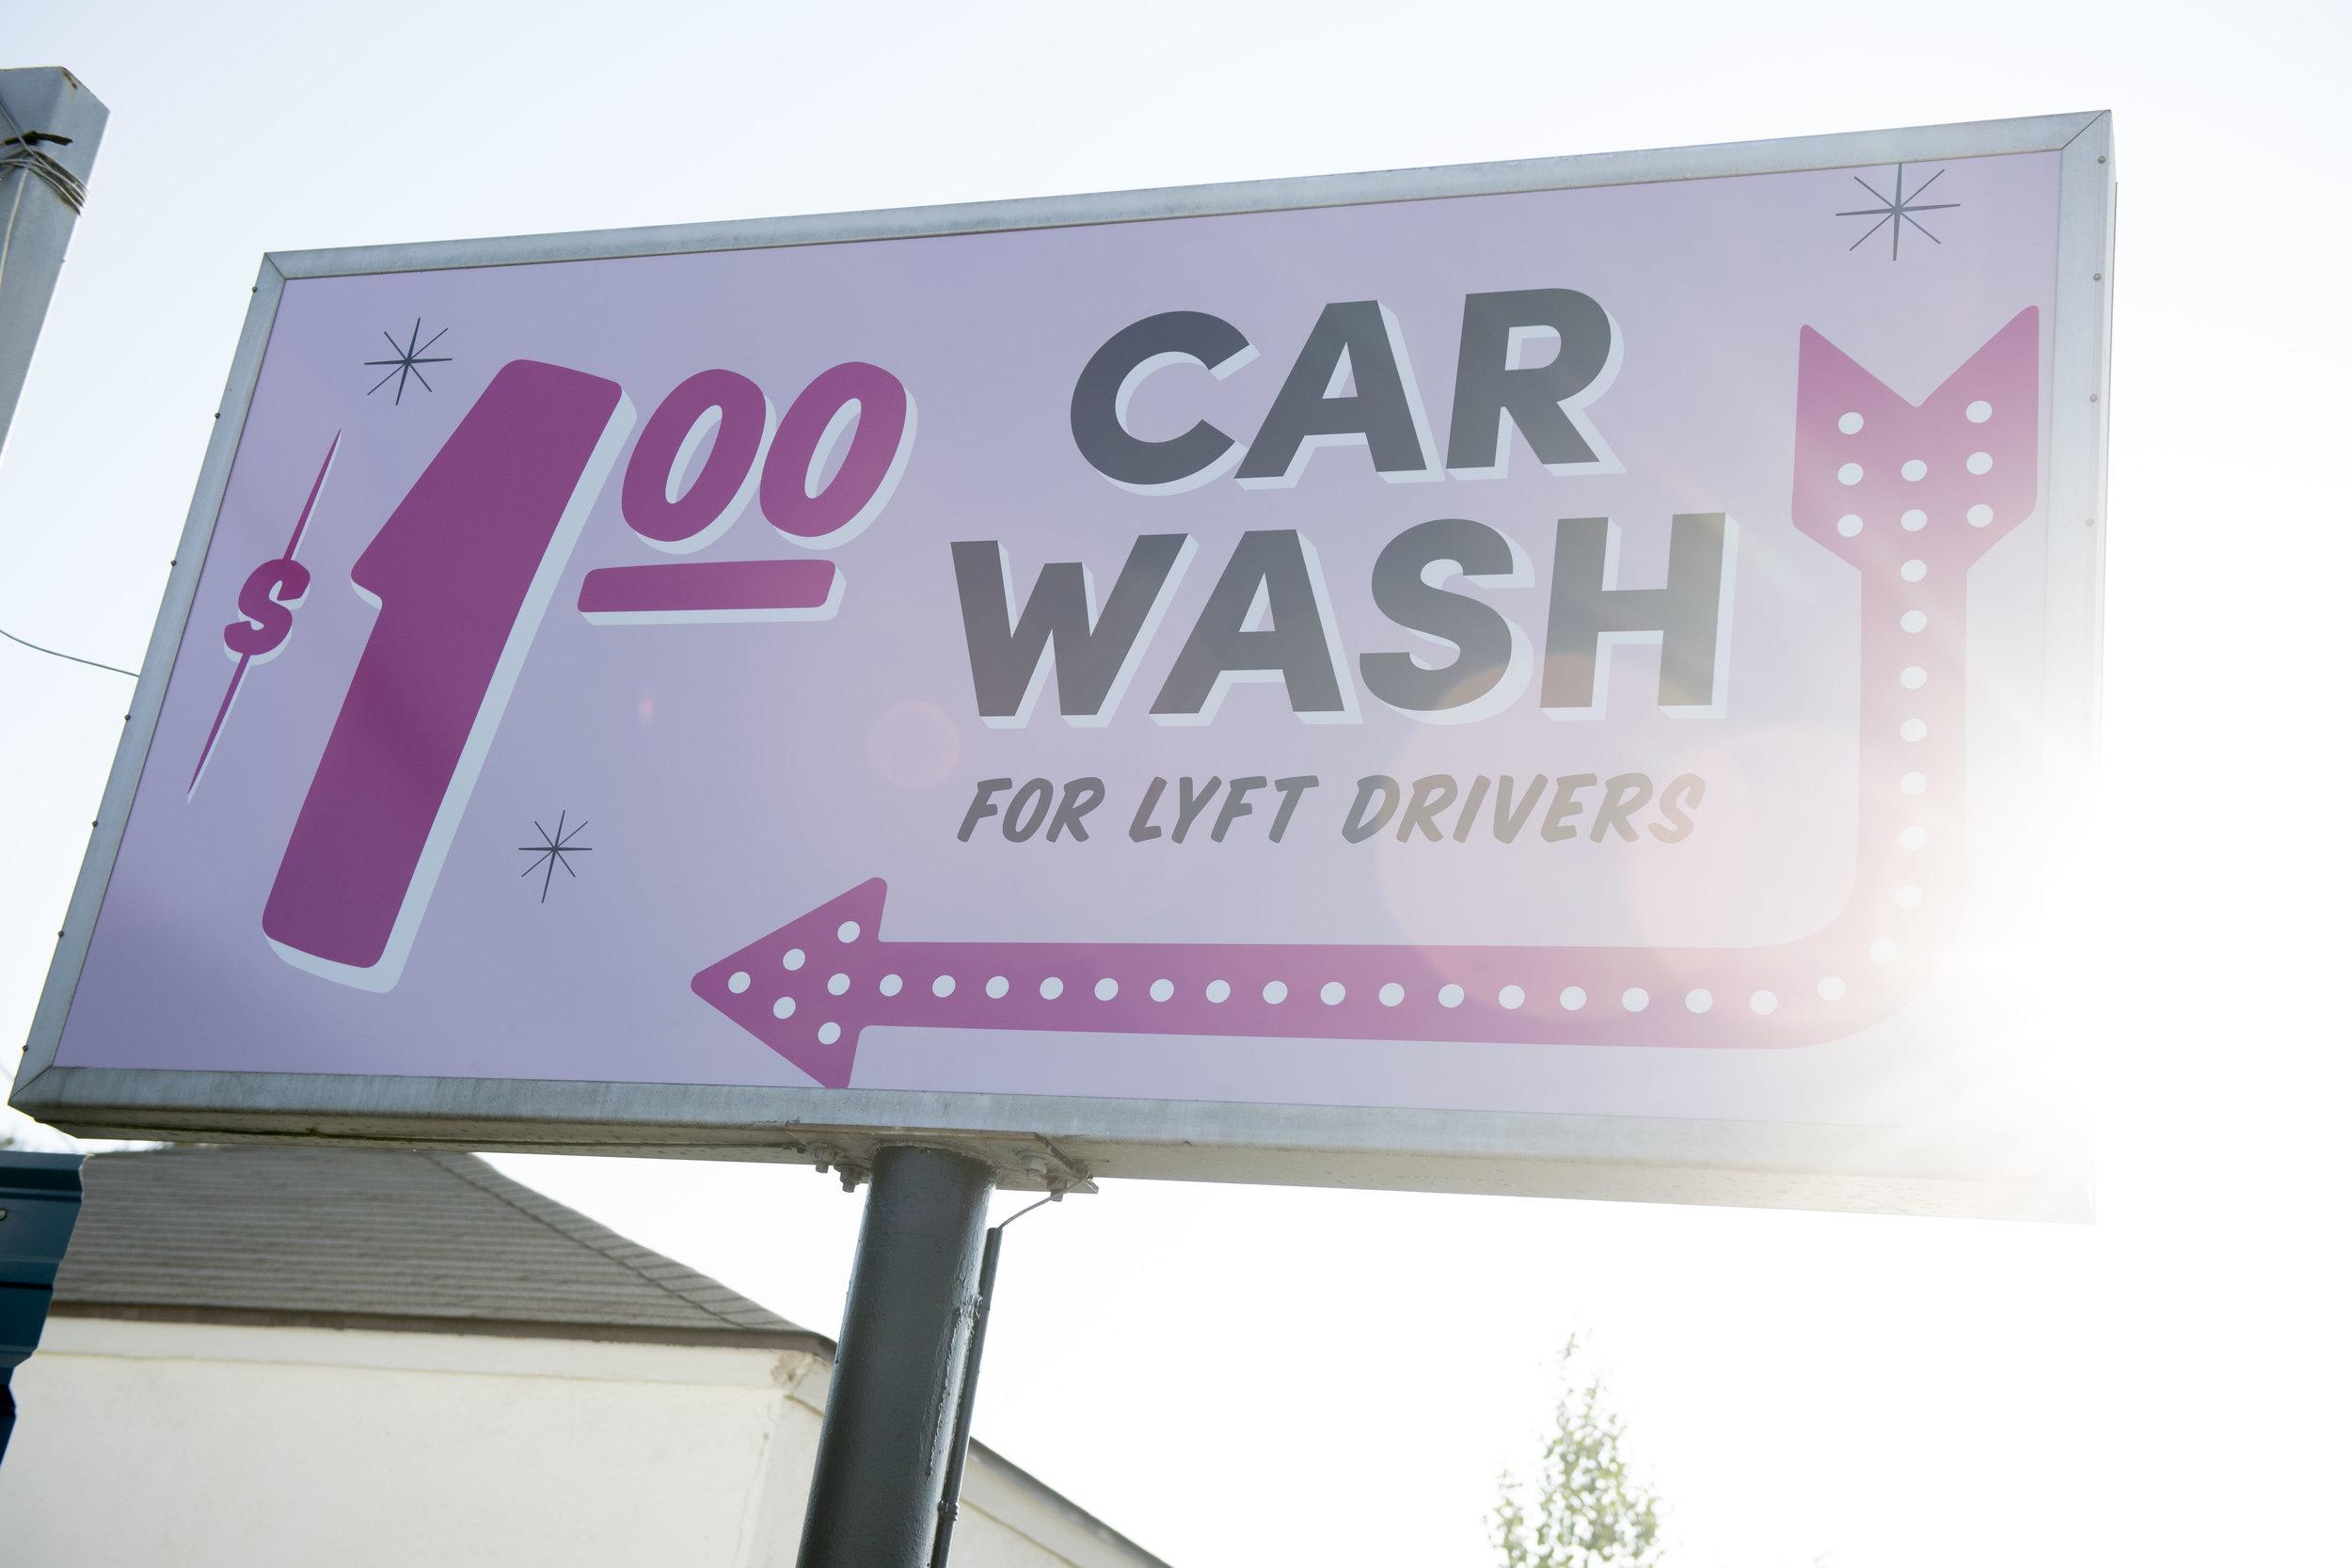 2017.0713_Lyft Car Wash.02.jpg